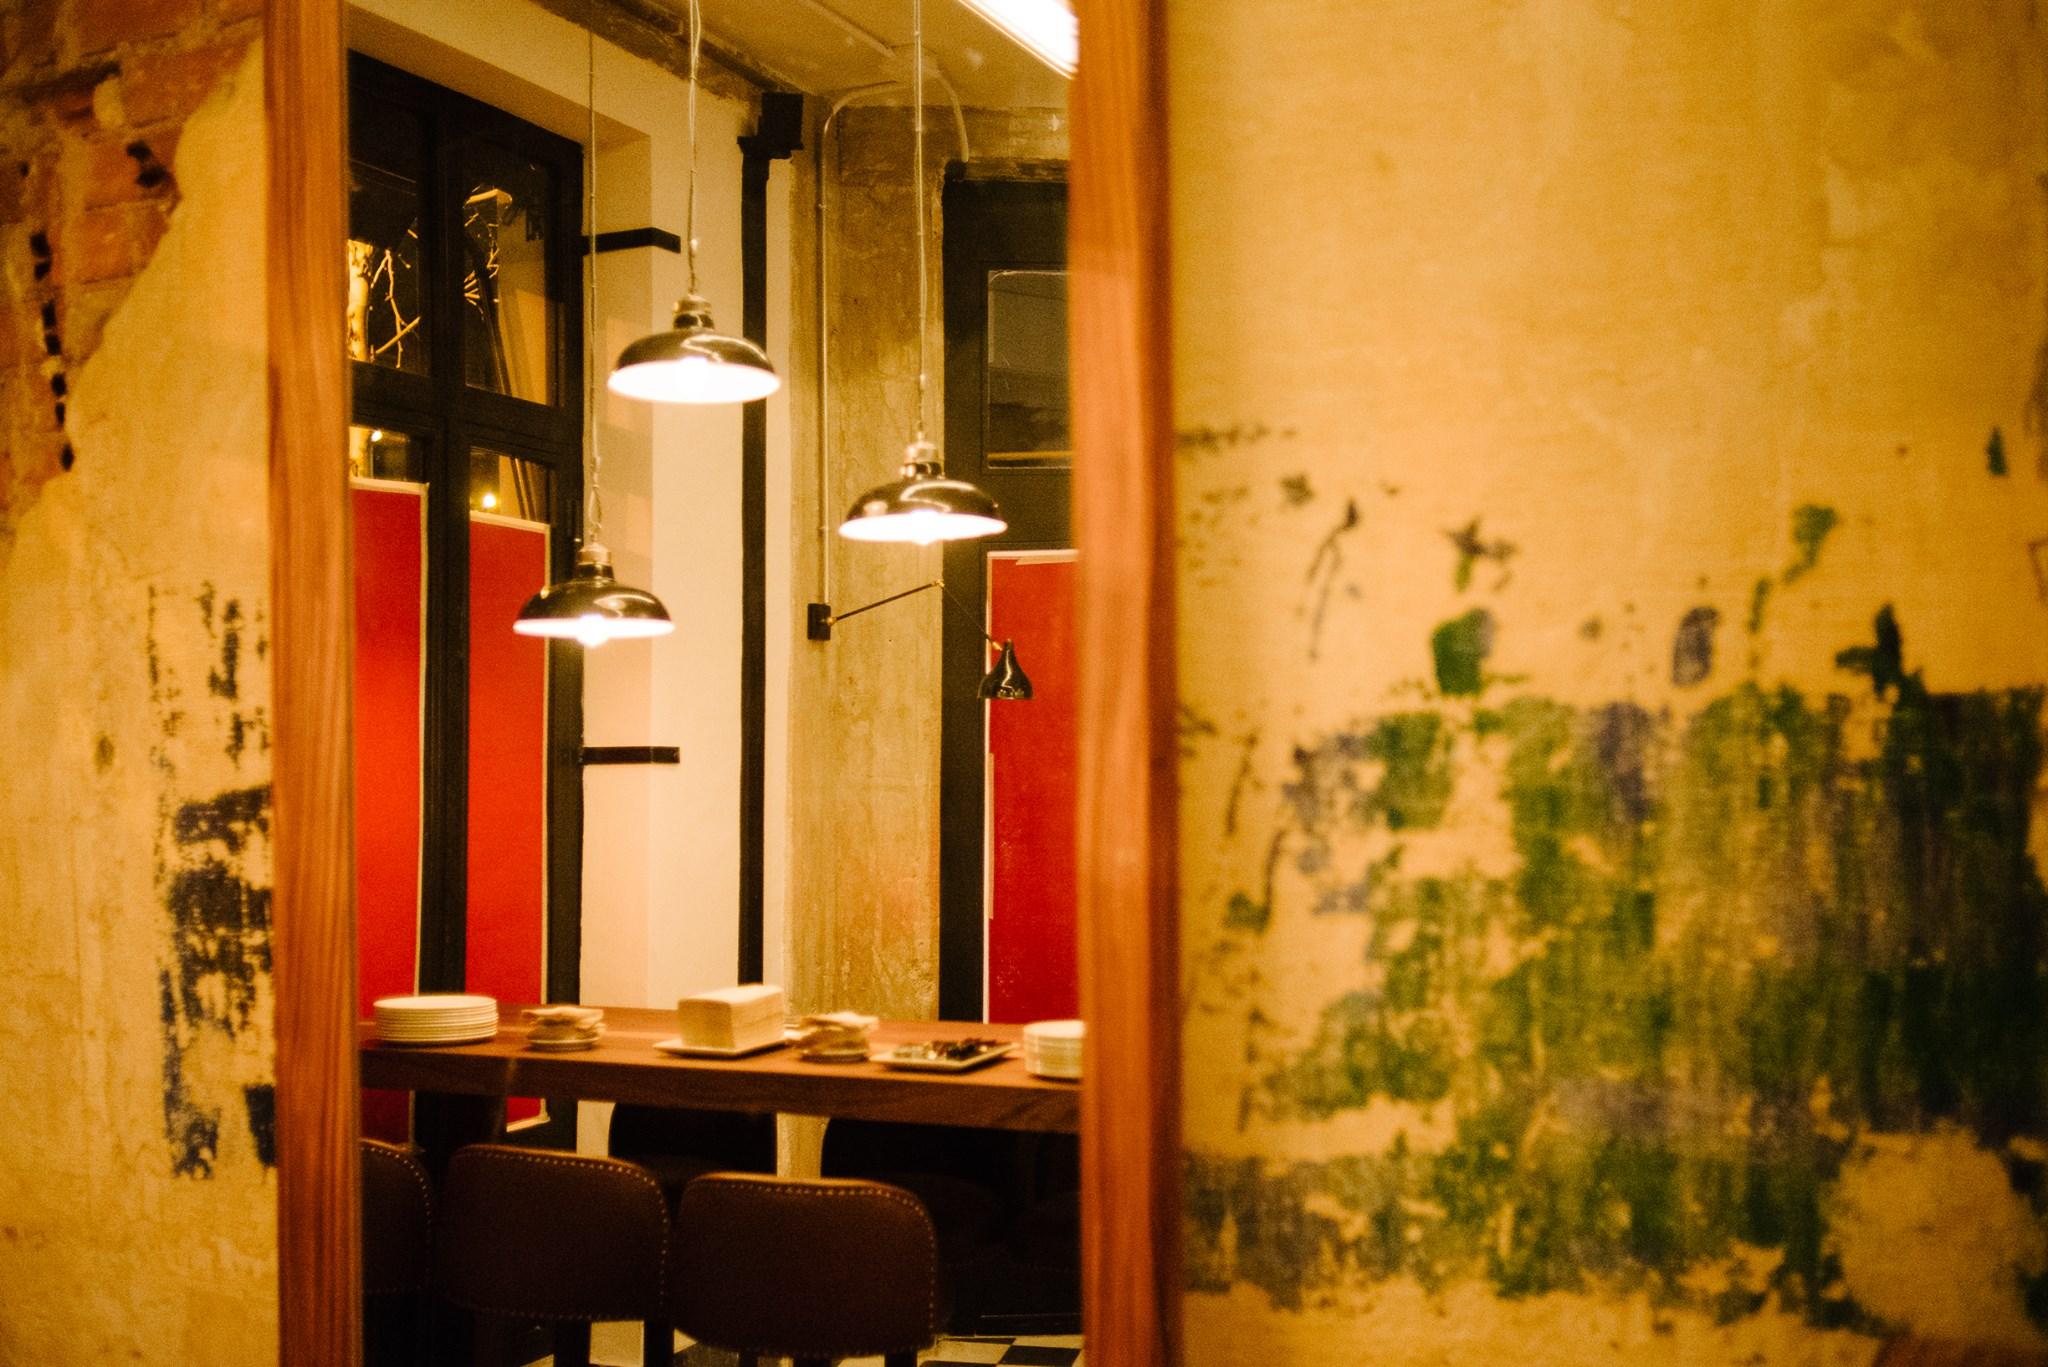 Restaurante lamucca de serrano en madrid con cocina for Restaurante lamucca de prado madrid